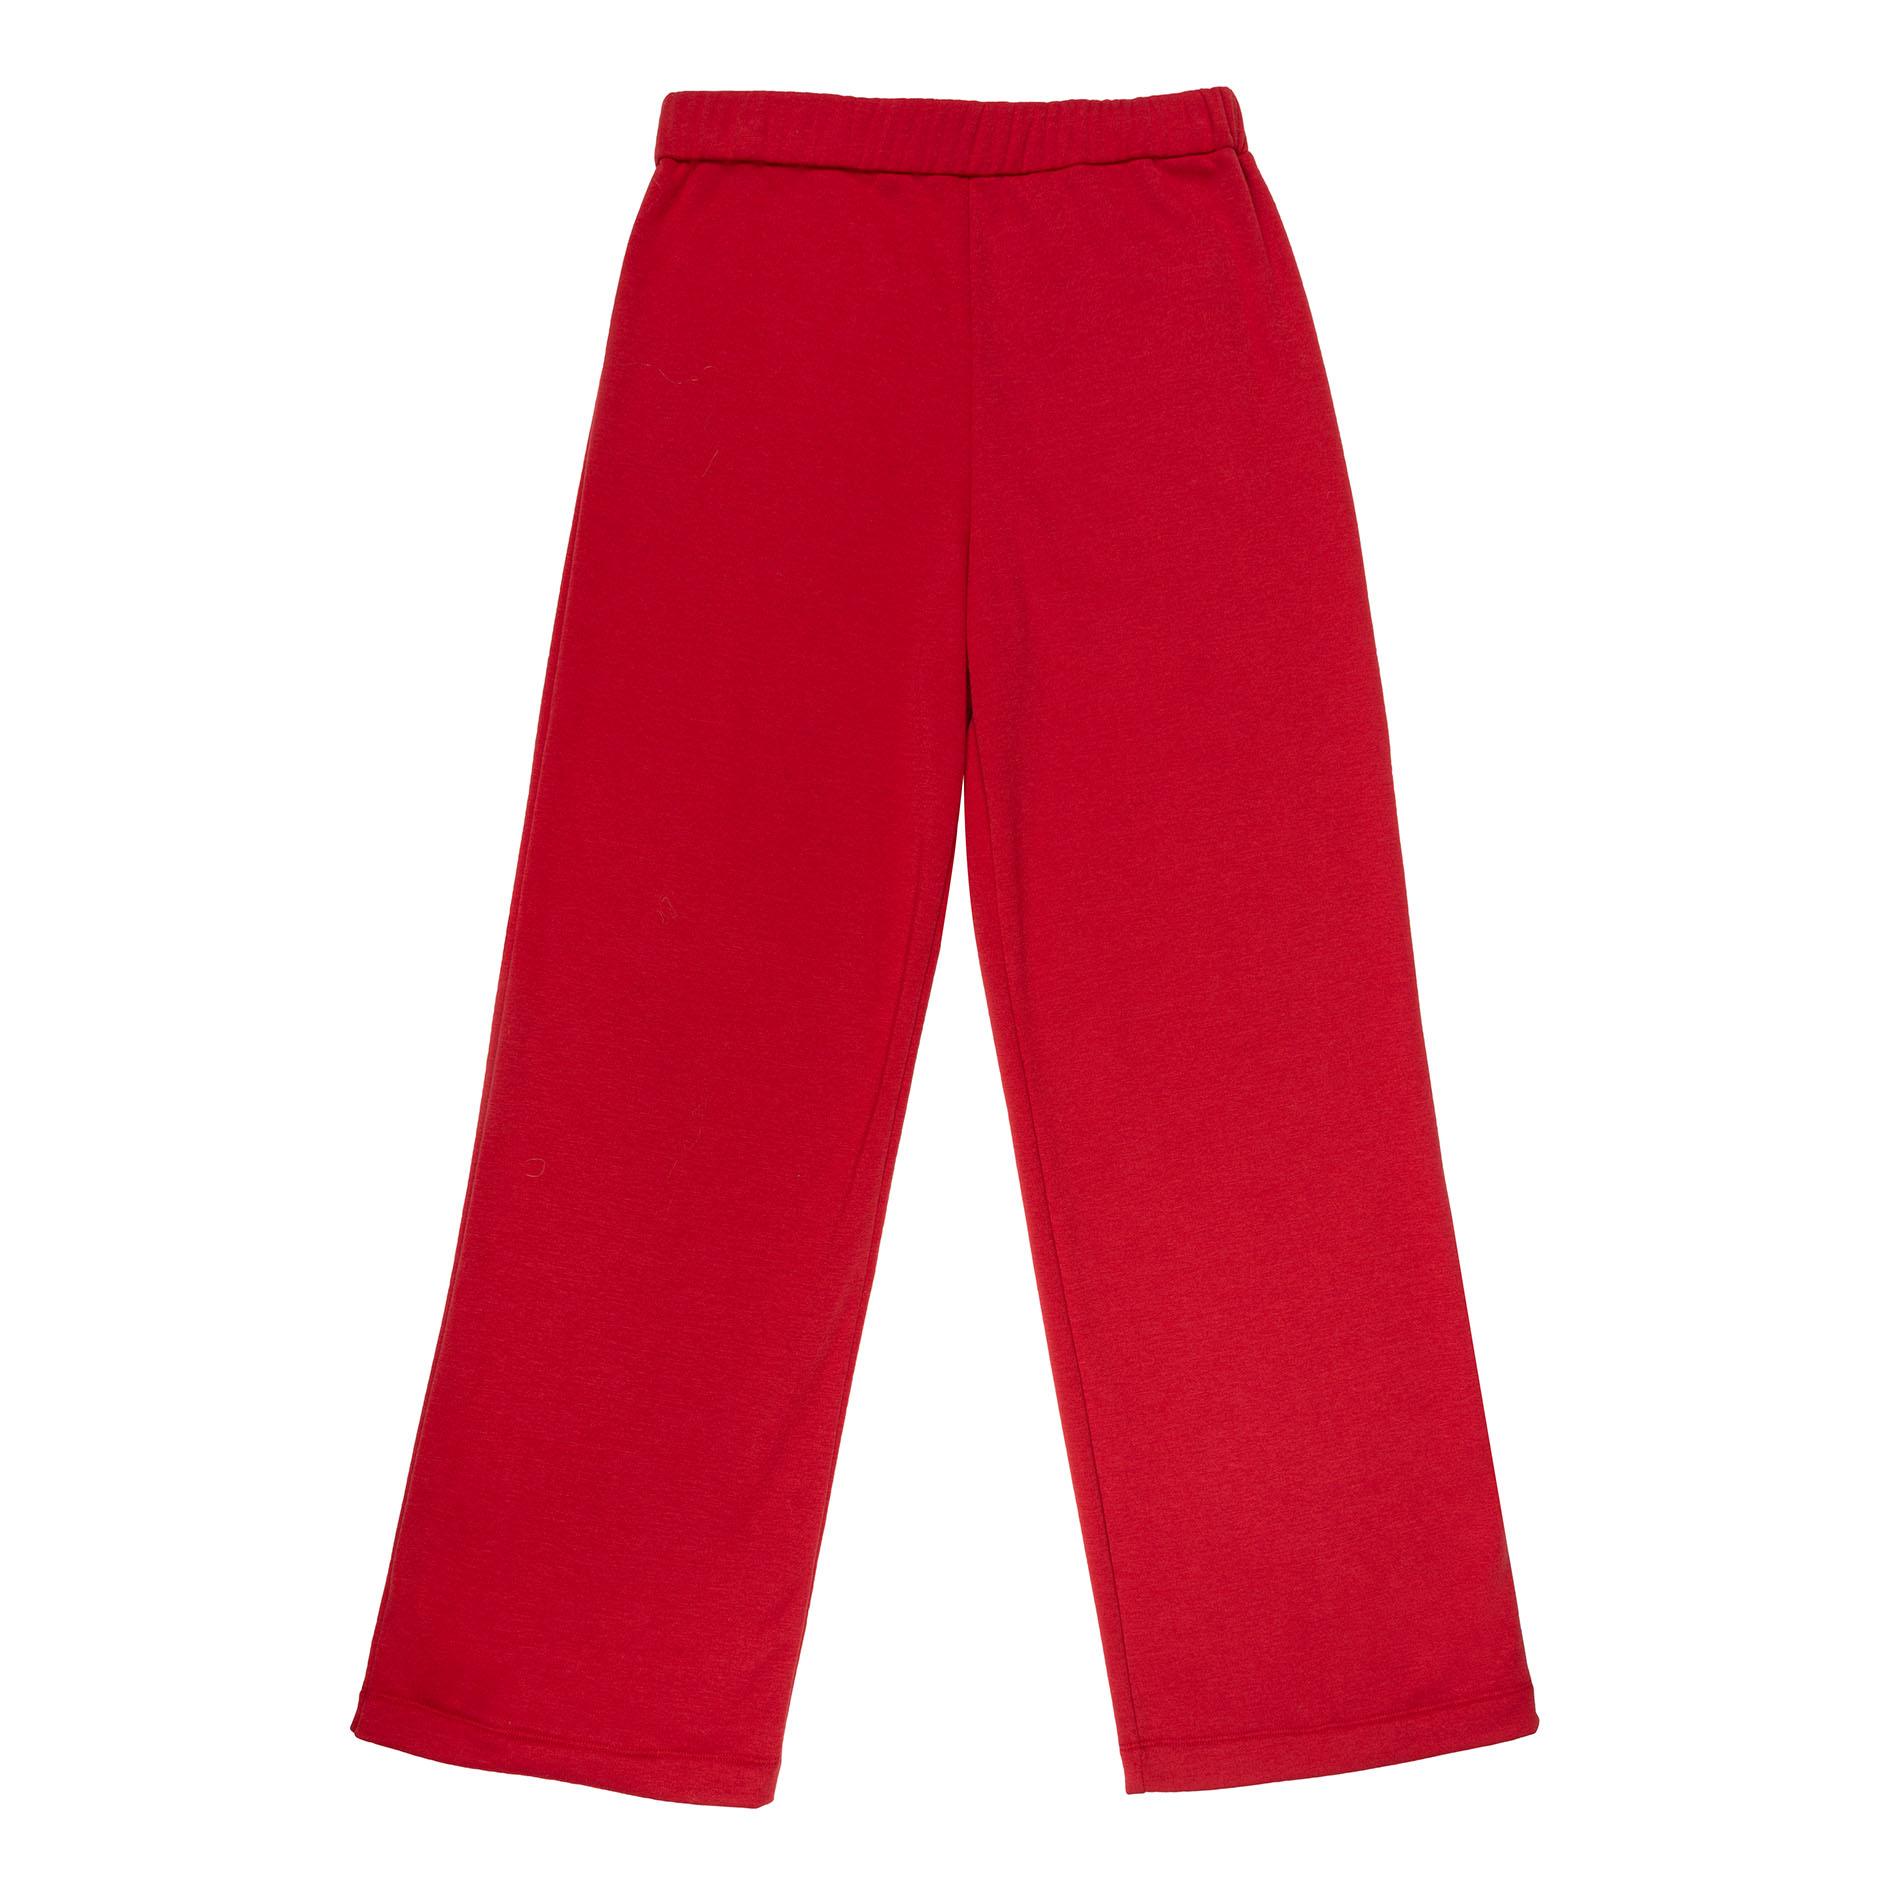 Broek 'Parma' Red